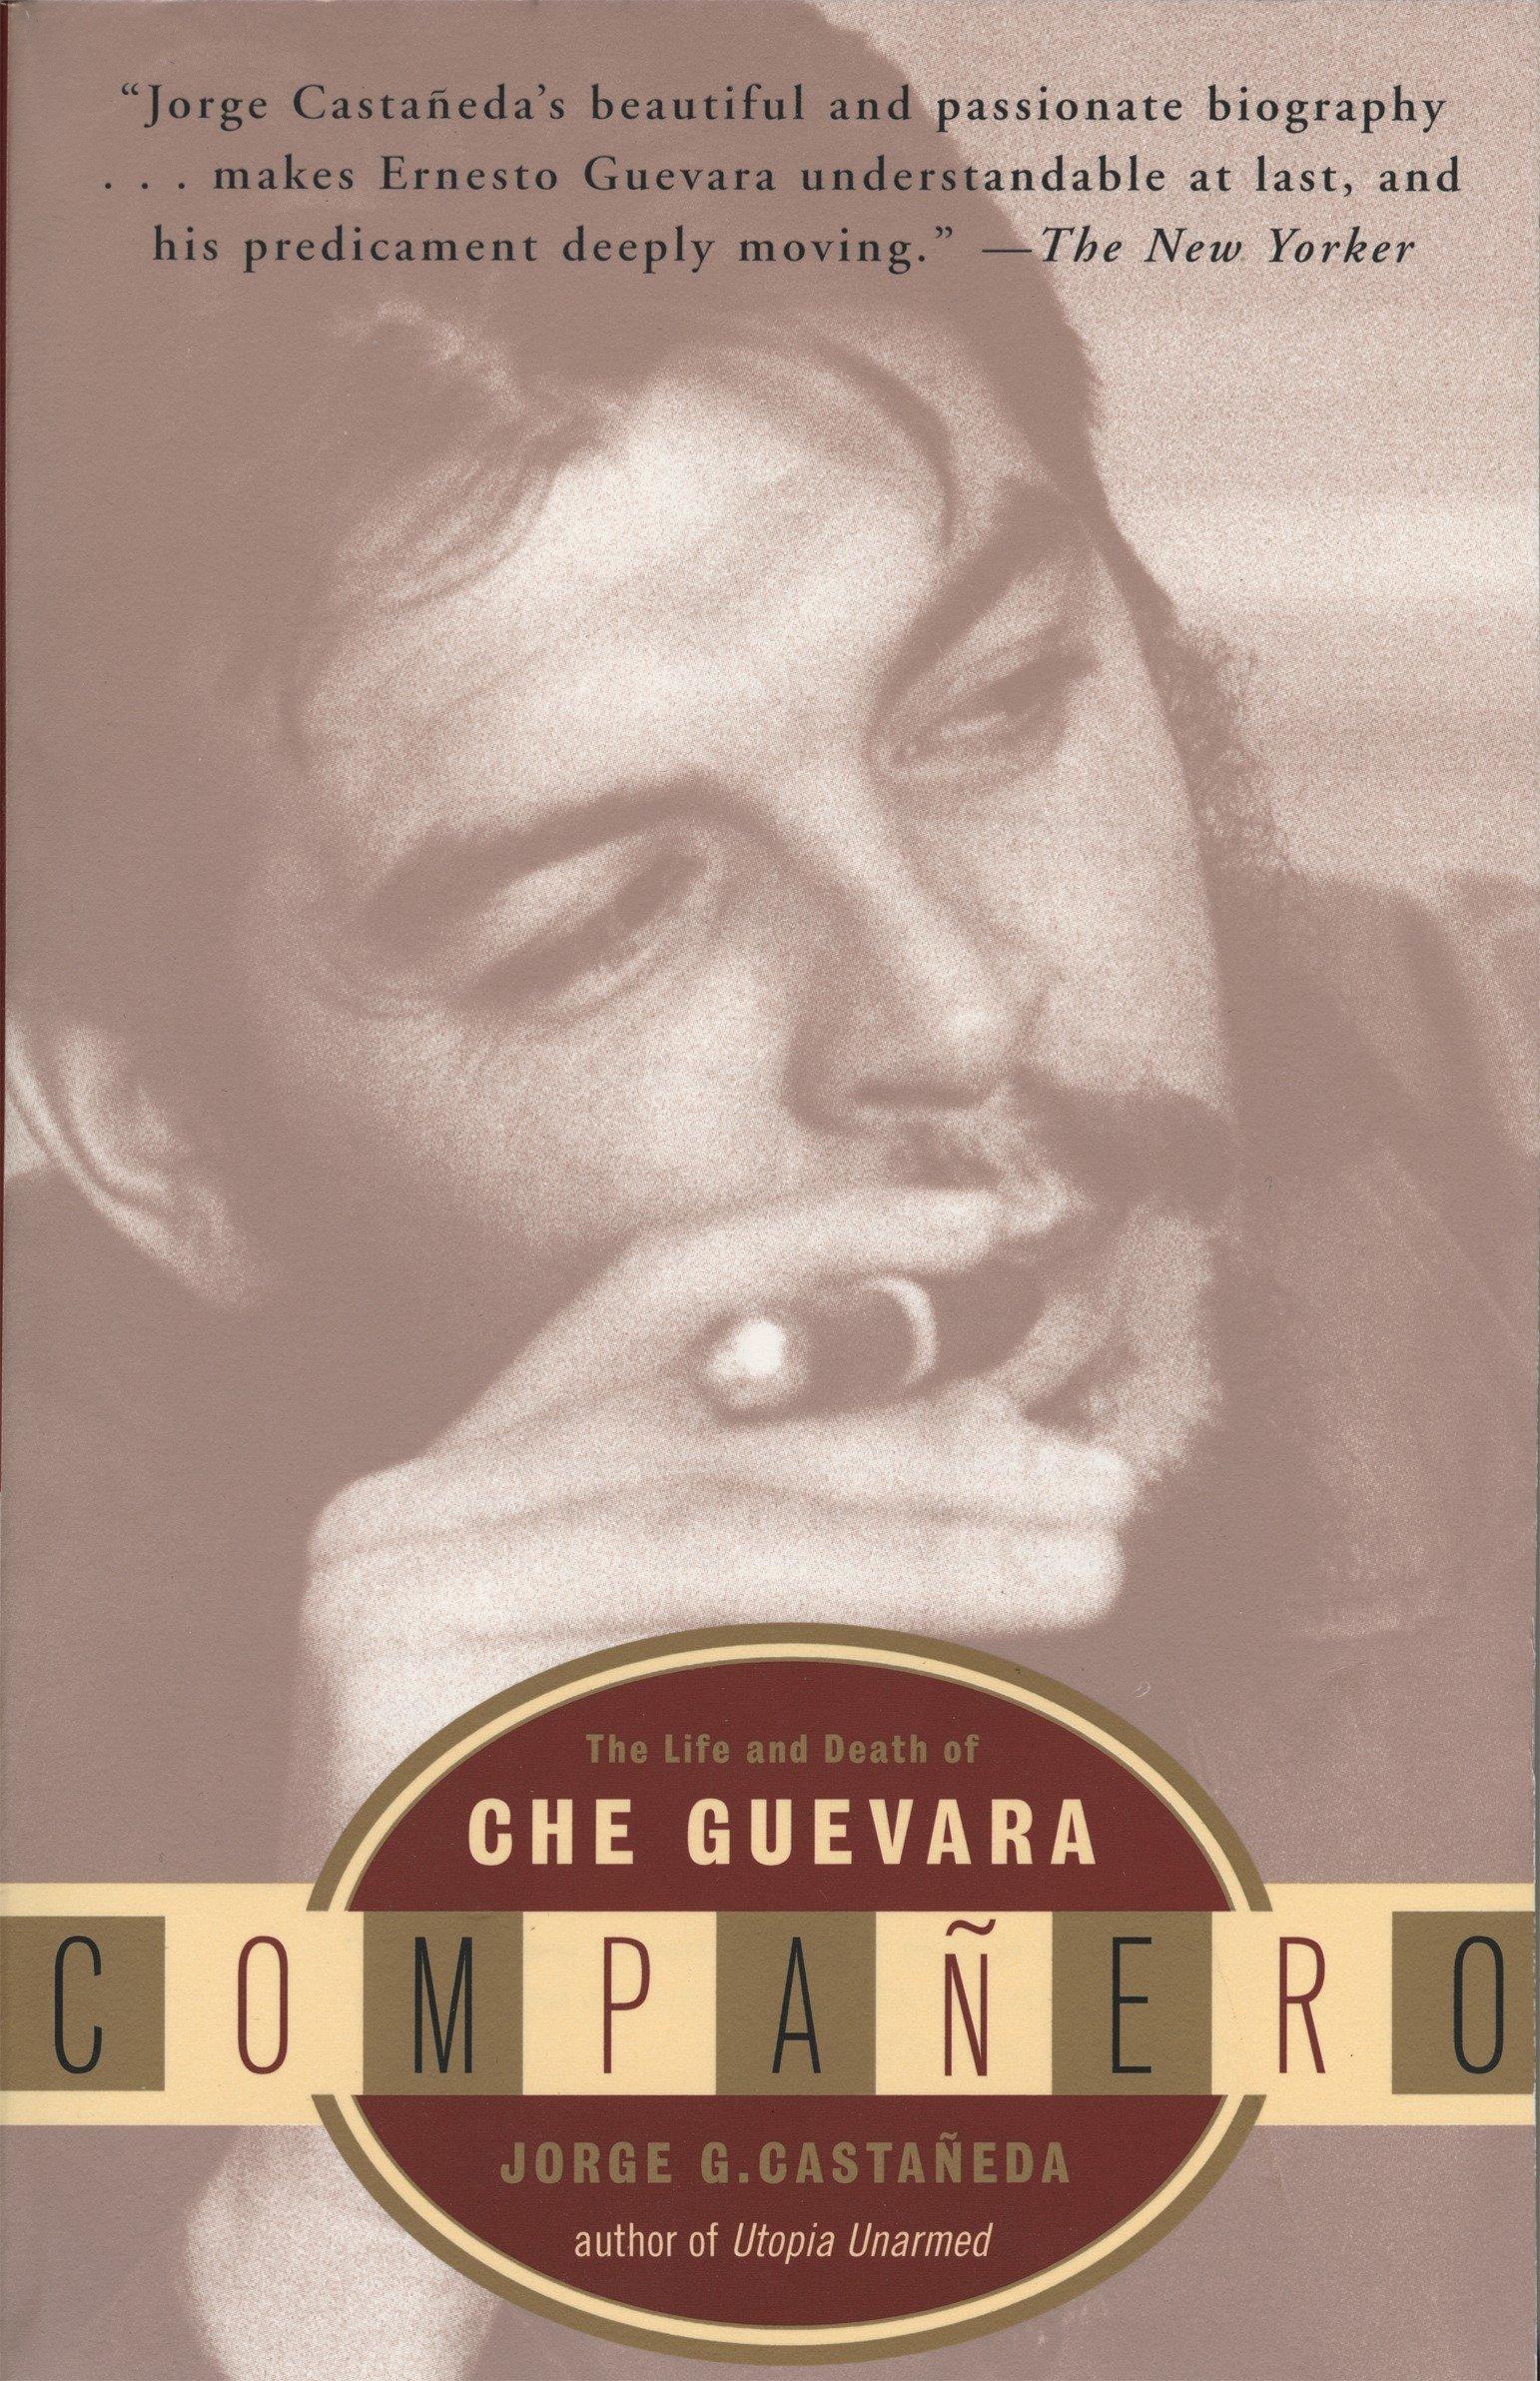 Companero: The Life and Death of Che Guevara: Amazon.es: Jorge G. Castaaneda: Libros en idiomas extranjeros